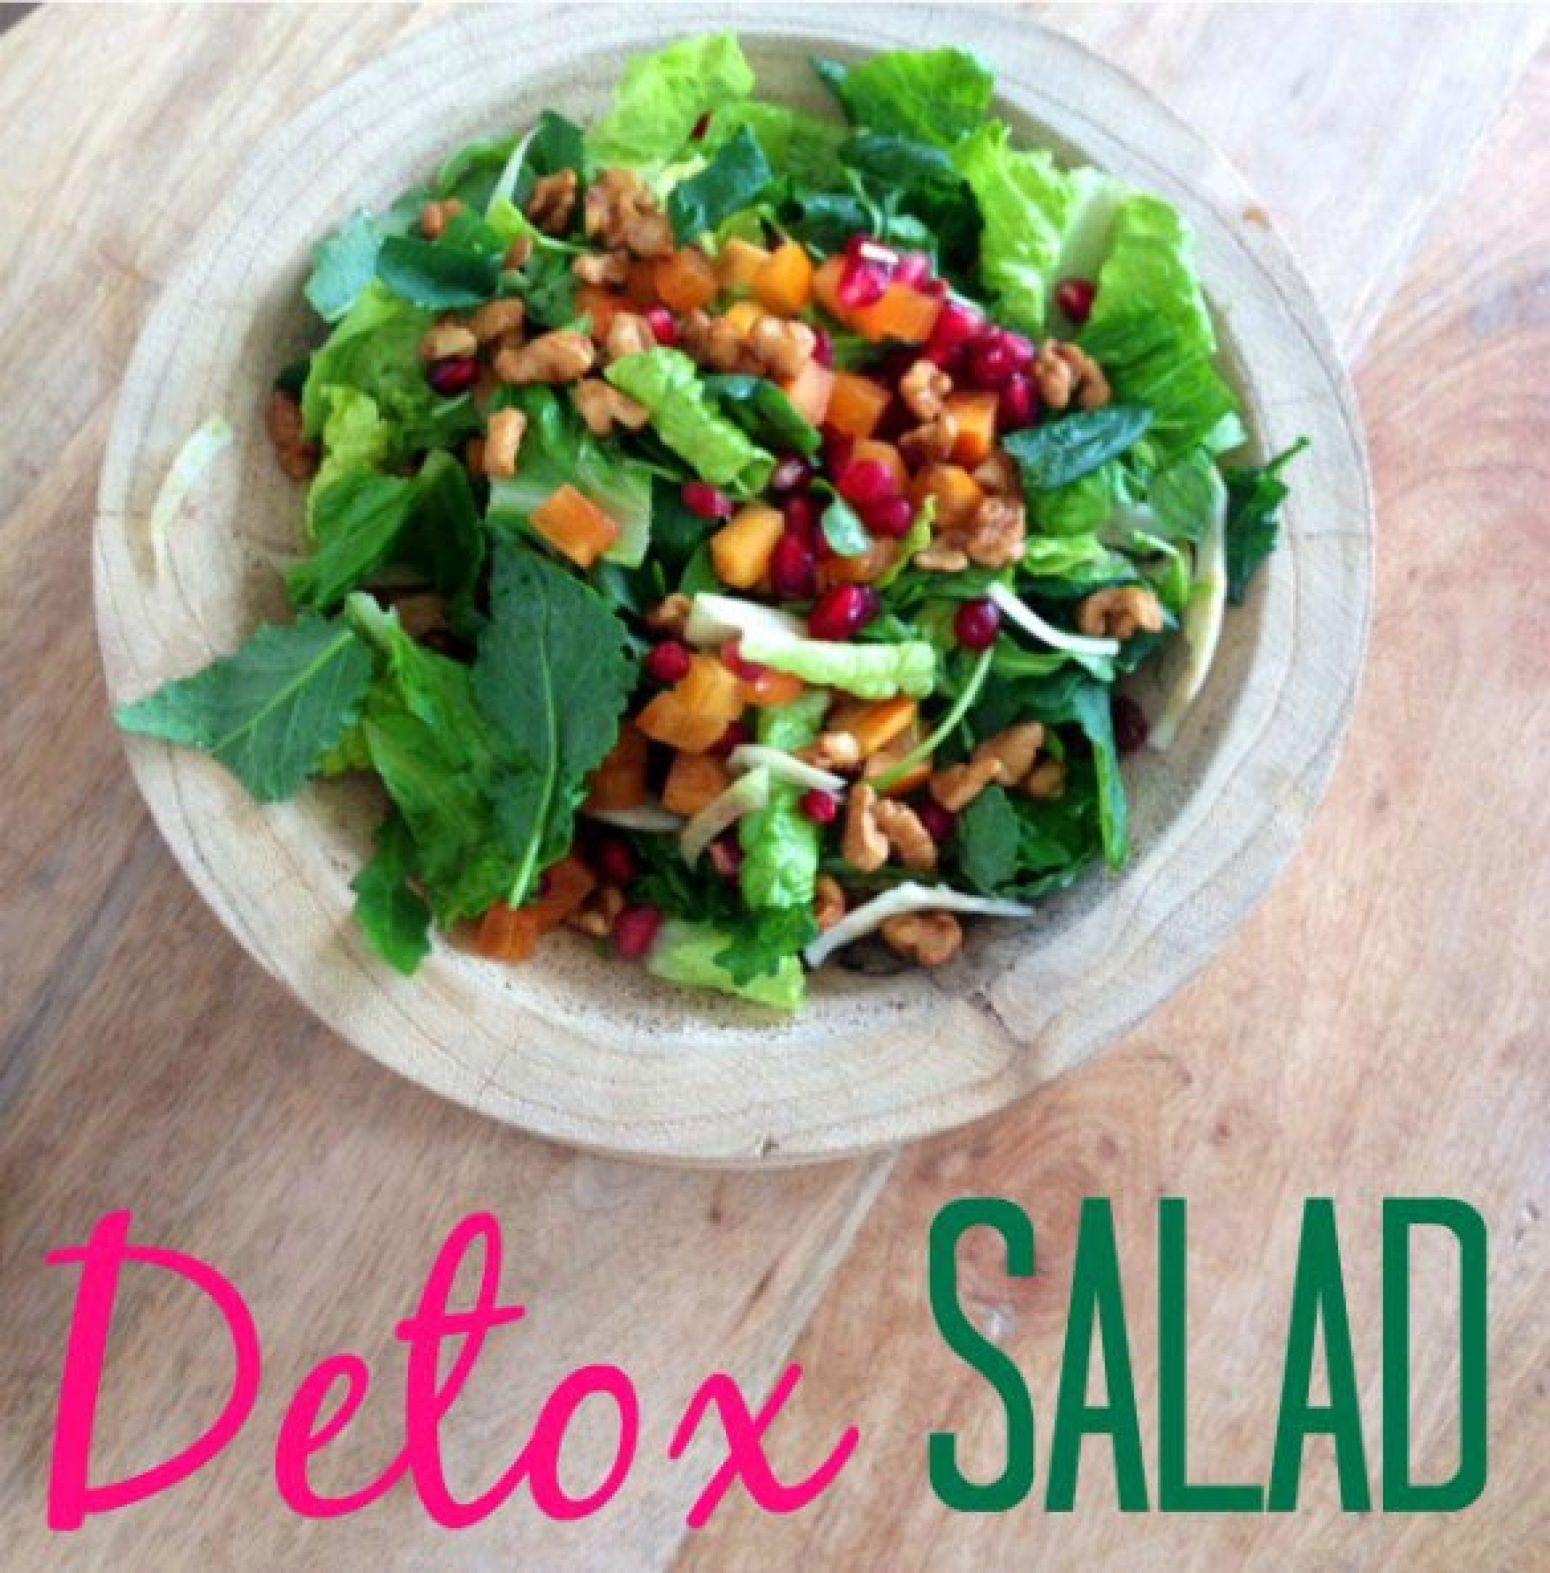 Detox Salad Recipe | Just A Pinch Recipes